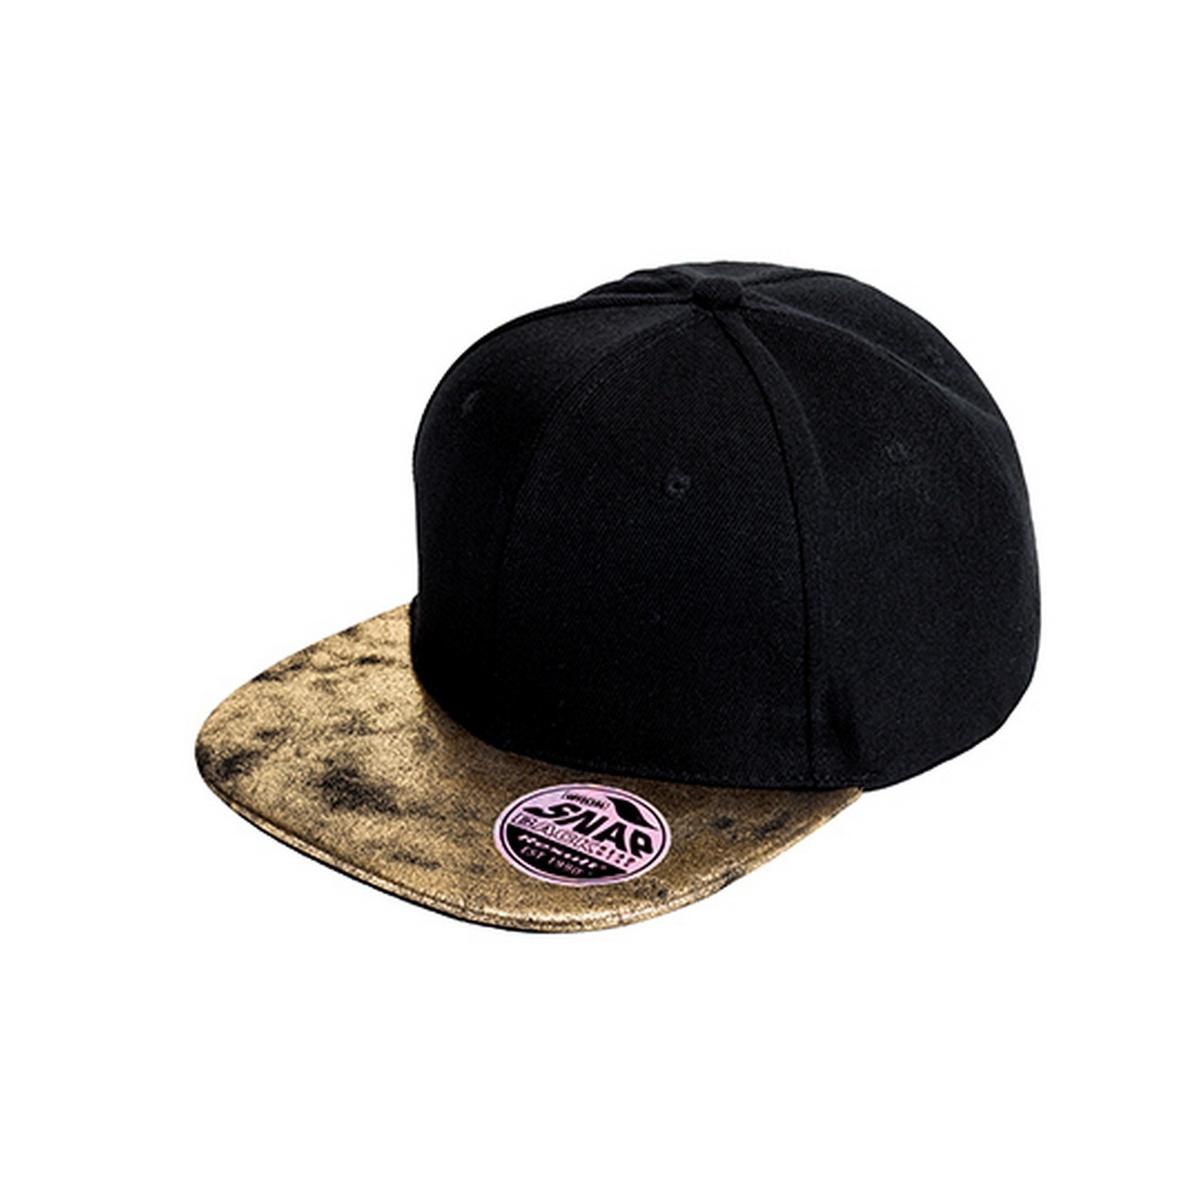 カジュアル ベースボールキャップ ハット 野球帽 ストリート リゾルト マート Result ピークキャップ 海外直送 帽子 安い ユニセックス グリッター Core